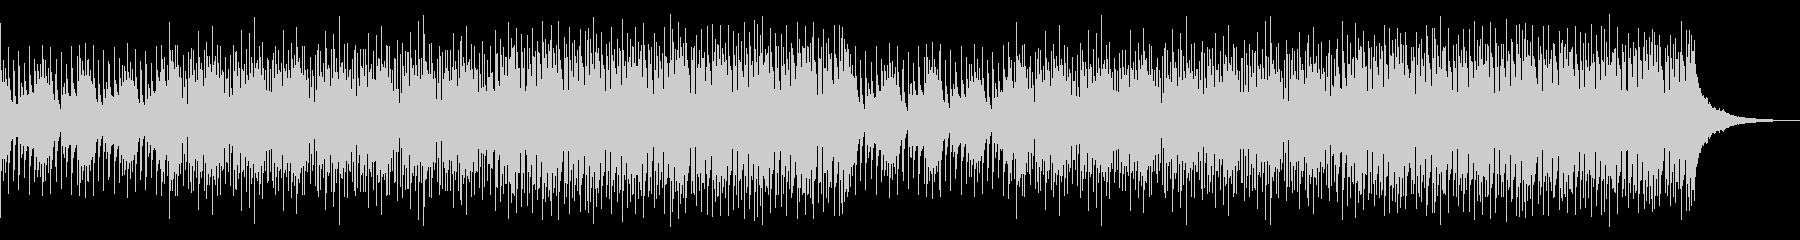 企業VP・CM ピアノ シンセ 切ないの未再生の波形